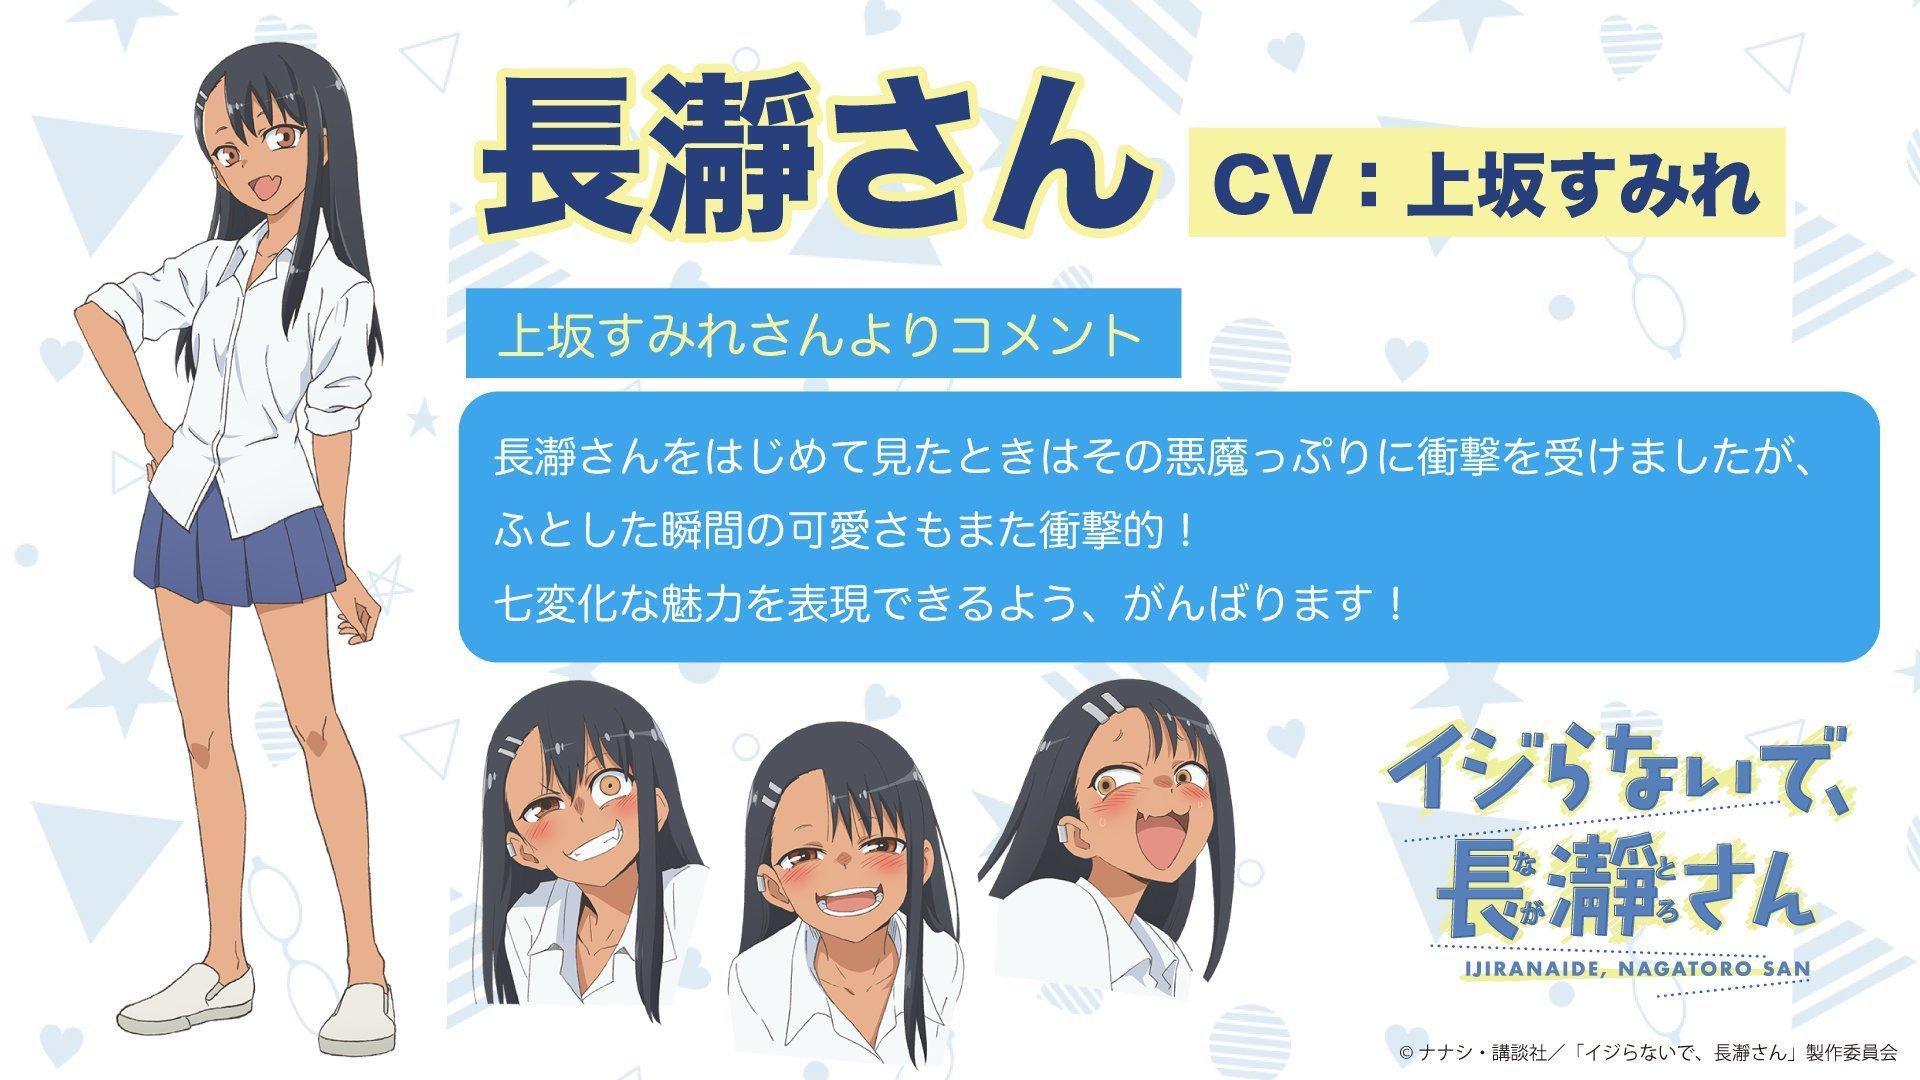 Perfil de personaje de Nagatoro